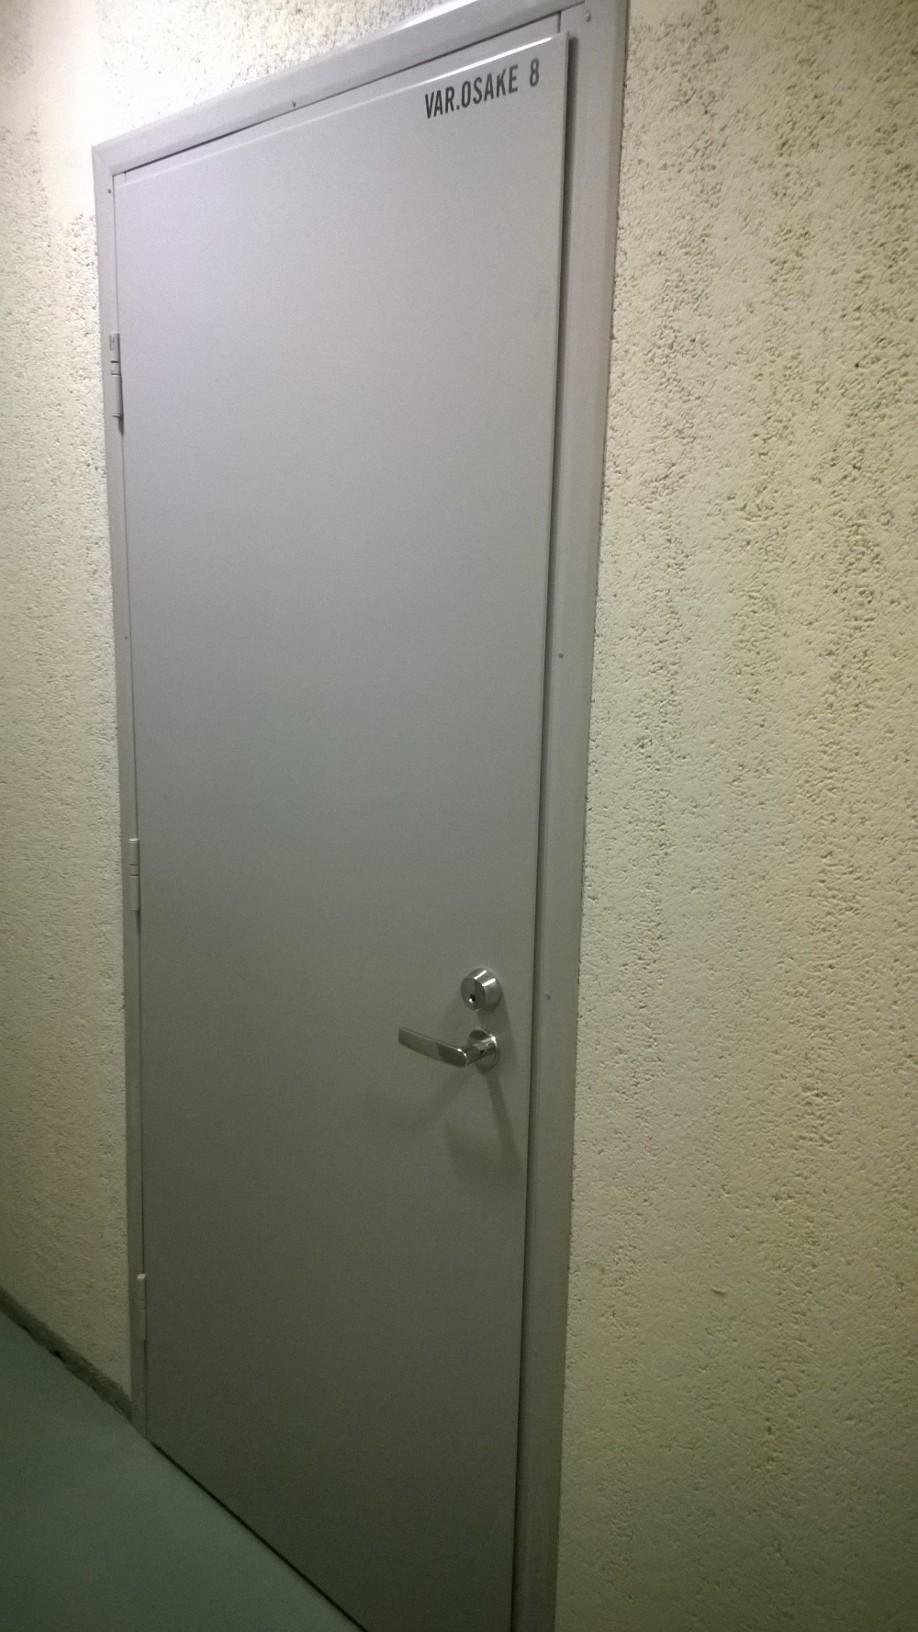 Väylätie 46A varasto - Saatavilla varasto-osakkeita hissillisen kerrostalon pohjakerroksessa. Varastojen koot 4,3 m2 ja 7,7 m2. Varasto on turvallinen (metalliovi, seinät kiviainesta) säilytyspaikka kaikenlaiselle koti-irtaimistolle. Valmiiksi vuokrattuja. Rv 2006.Hp 9625e  7,7m2  Hoitovastike 10,54e/kkHp 5375e  4,3m2  Hoitovastike 5,78e/kk